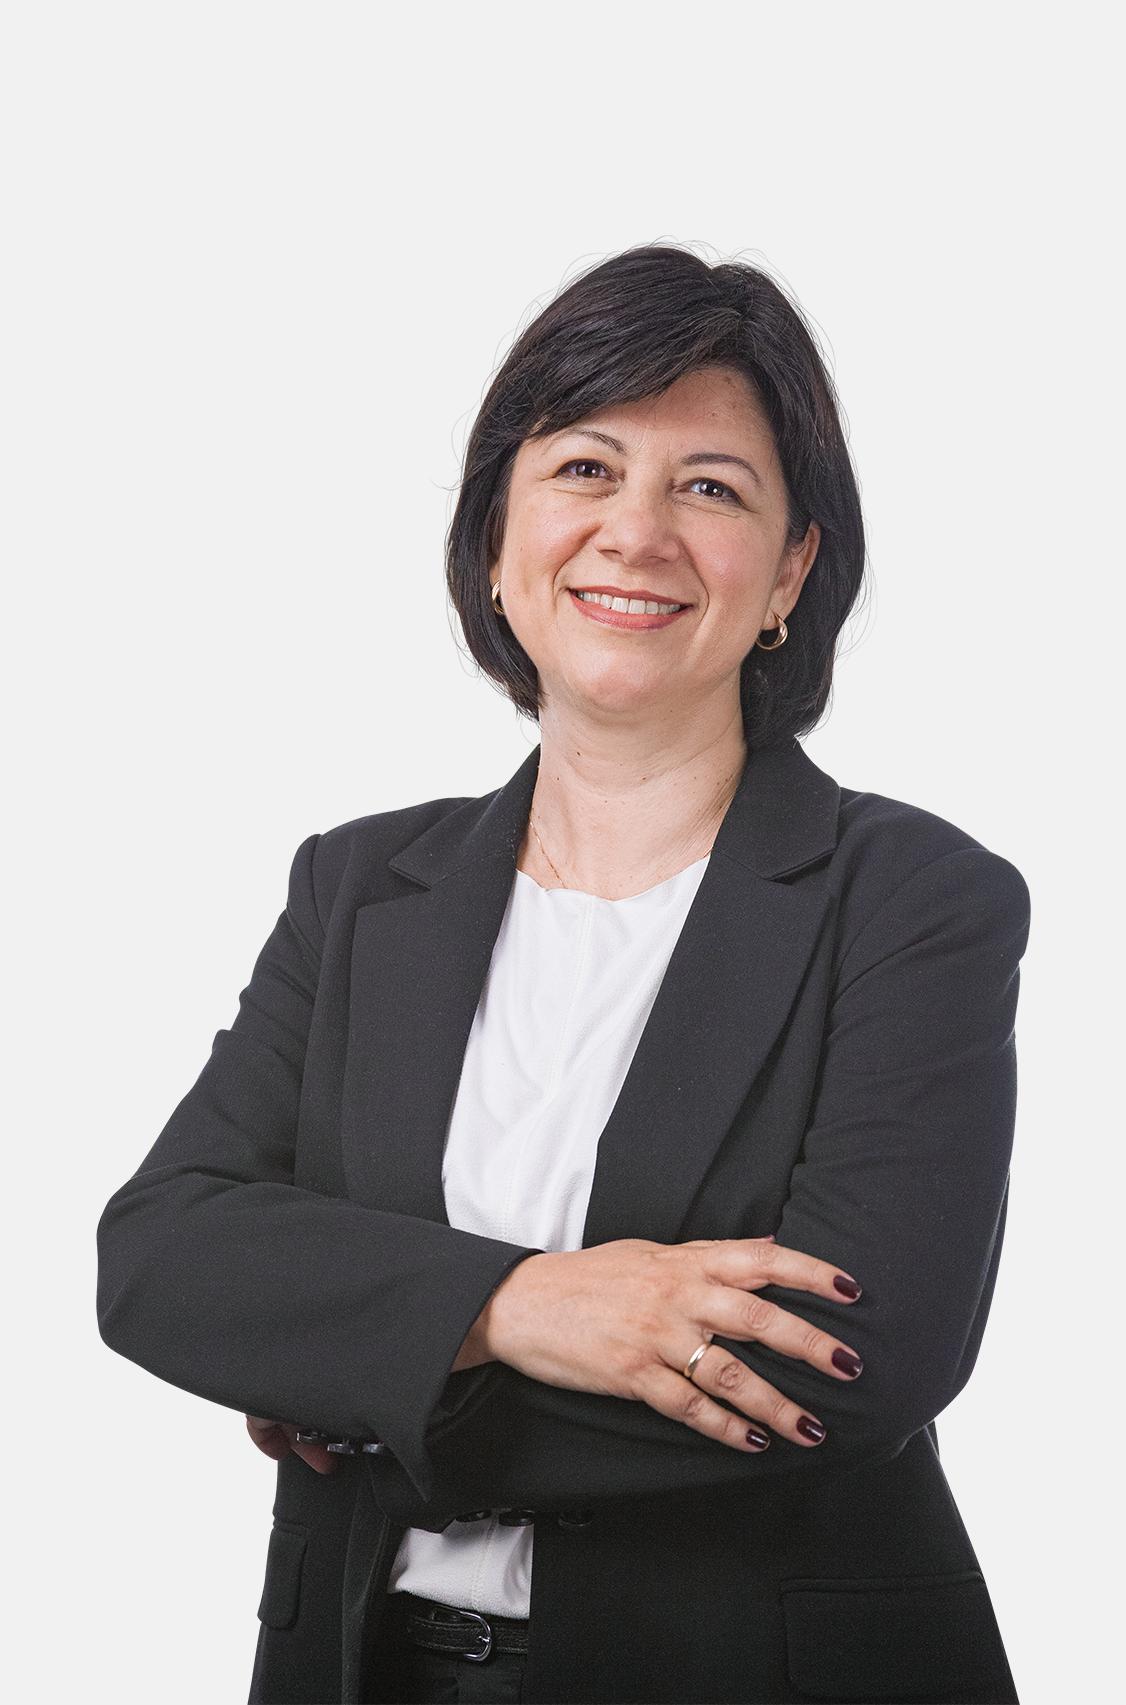 Patrícia Sardeto